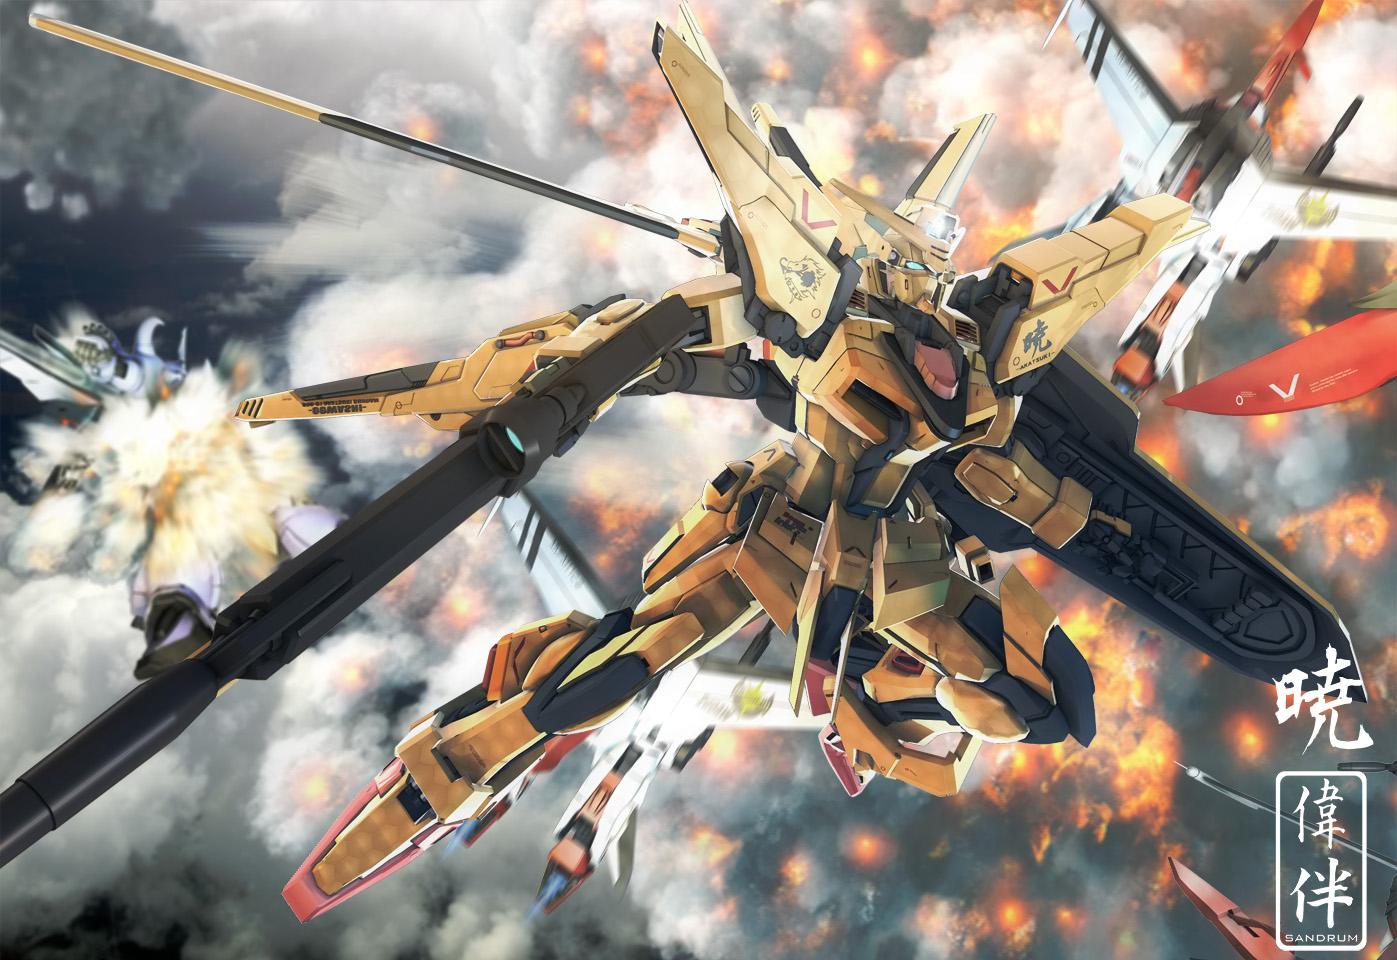 Another 10 Gundam Inspired Wallpapers by deviantArt Artists Gundam 1397x960